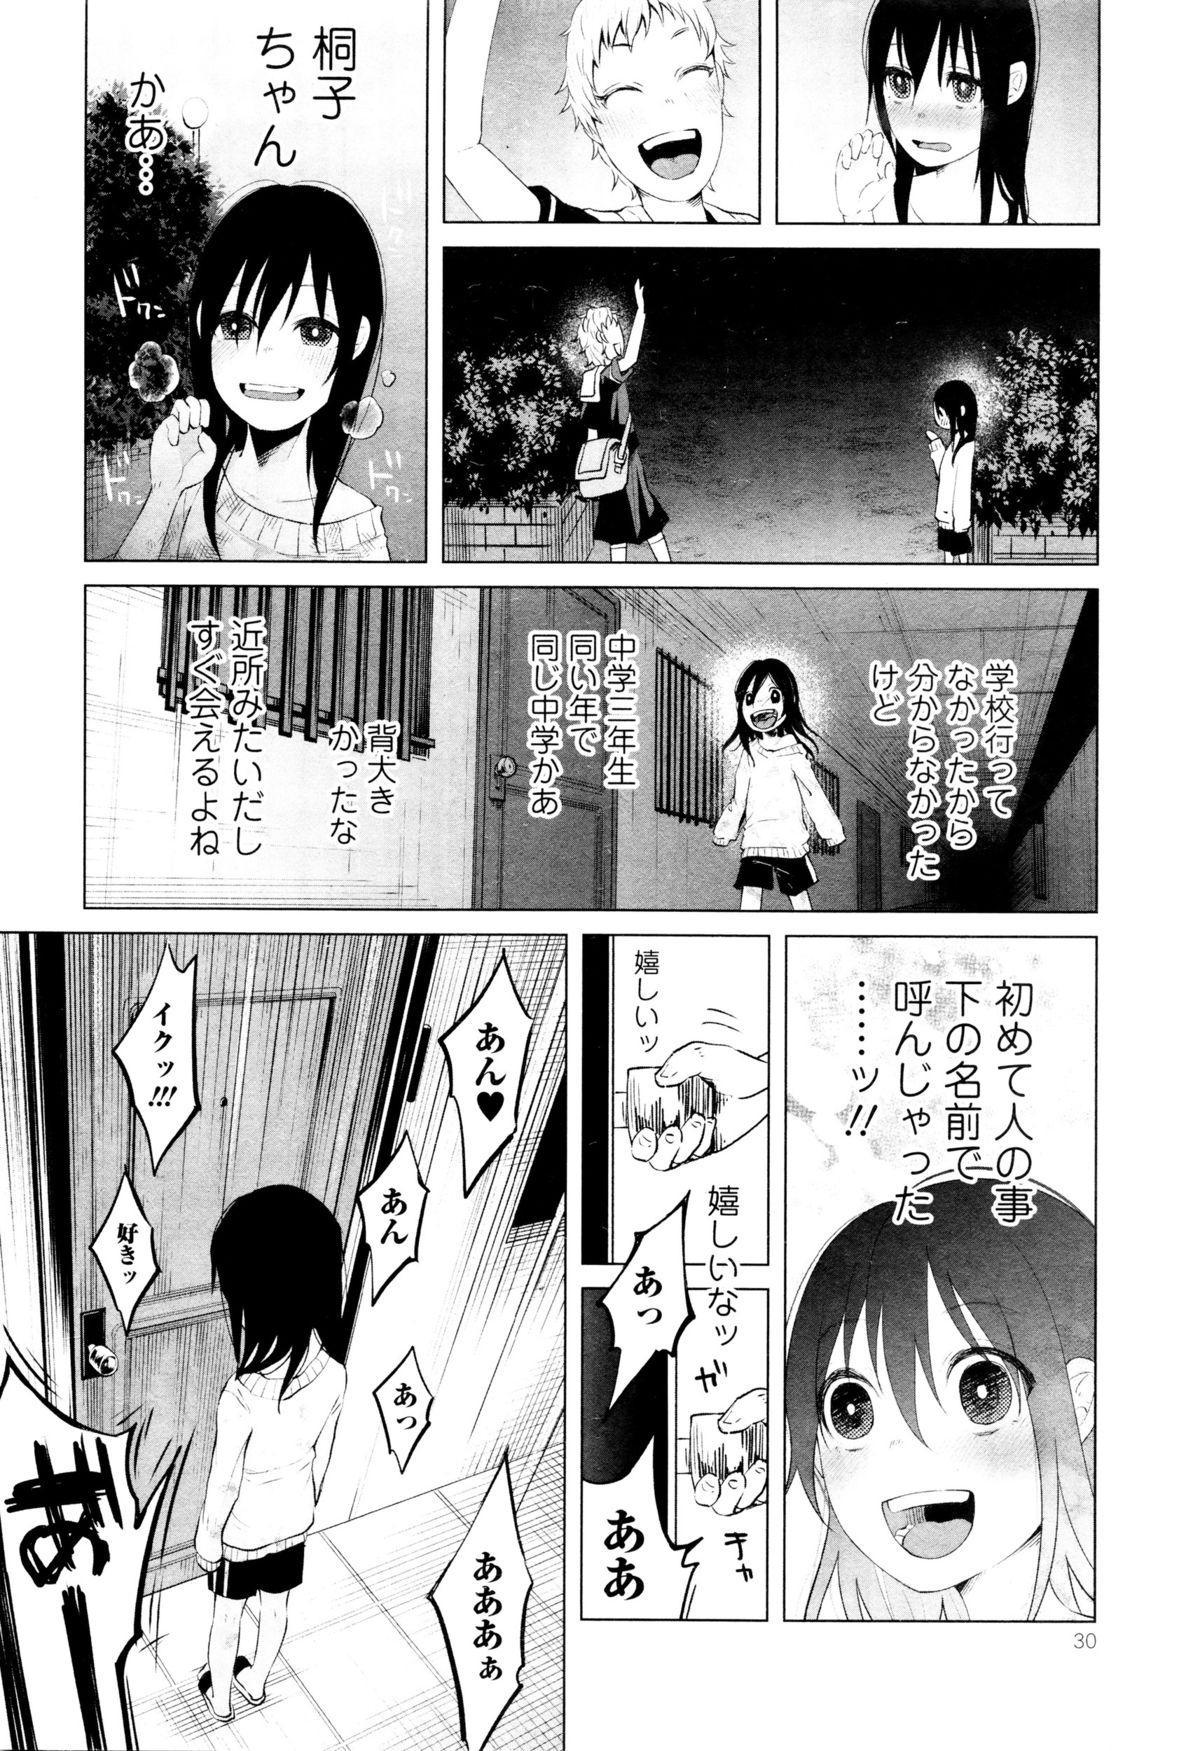 COMIC Mate Legend Vol. 7 2016-02 30